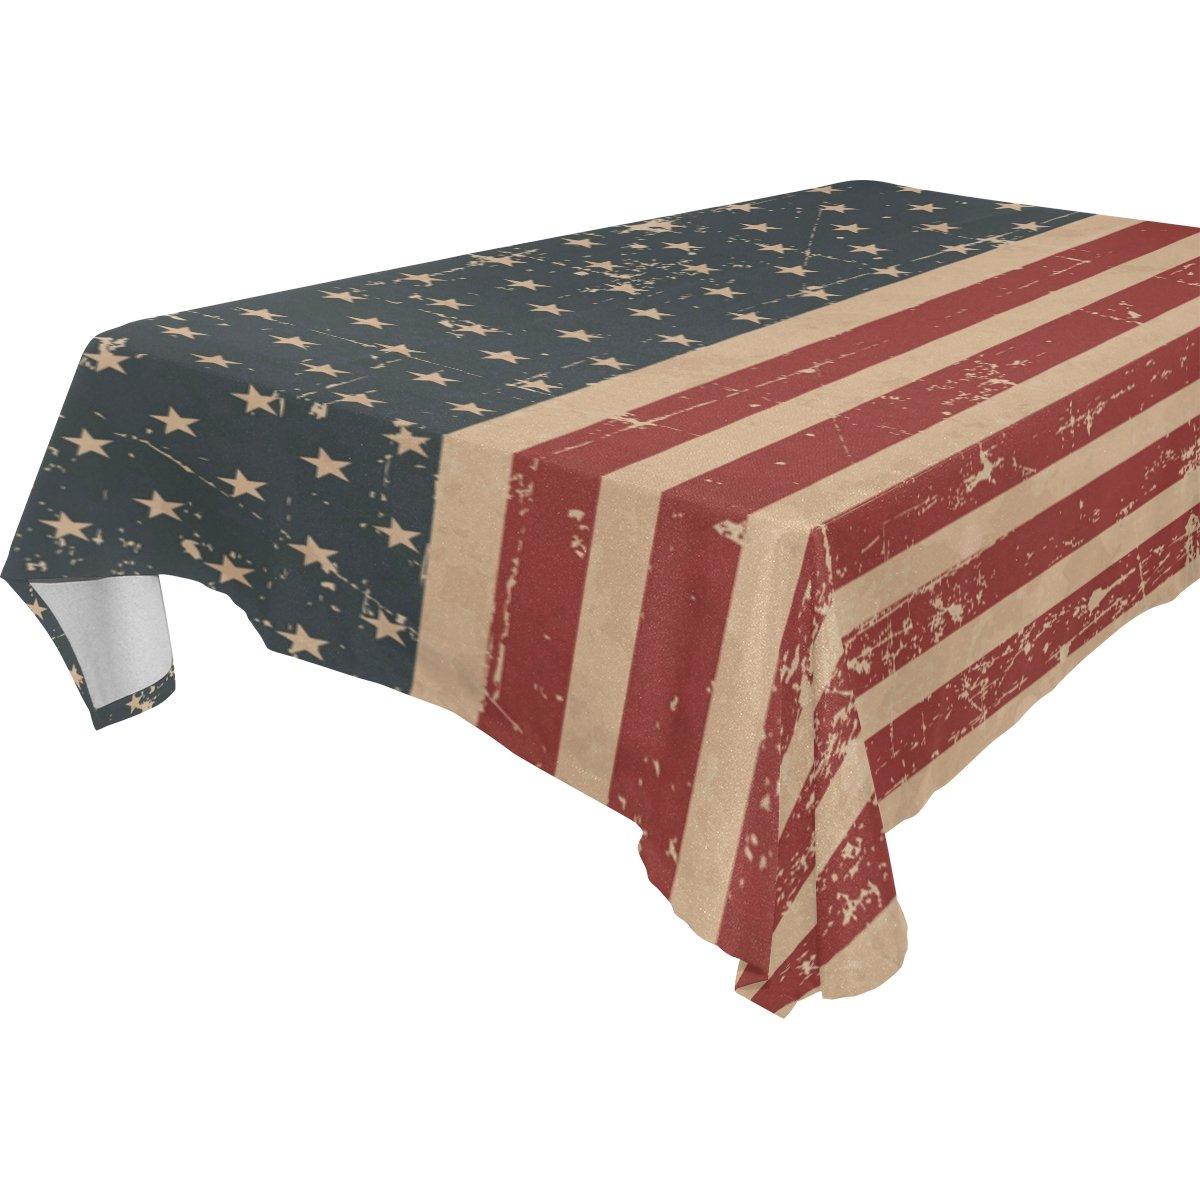 alirea長方形愛国アメリカ国旗テーブルクロス用ウェディングパーティー休日洗濯可能ポリエステルテーブル布カバー 54 x 新品未使用正規品 54インチ B07B94CBCF in 卓越 60x108